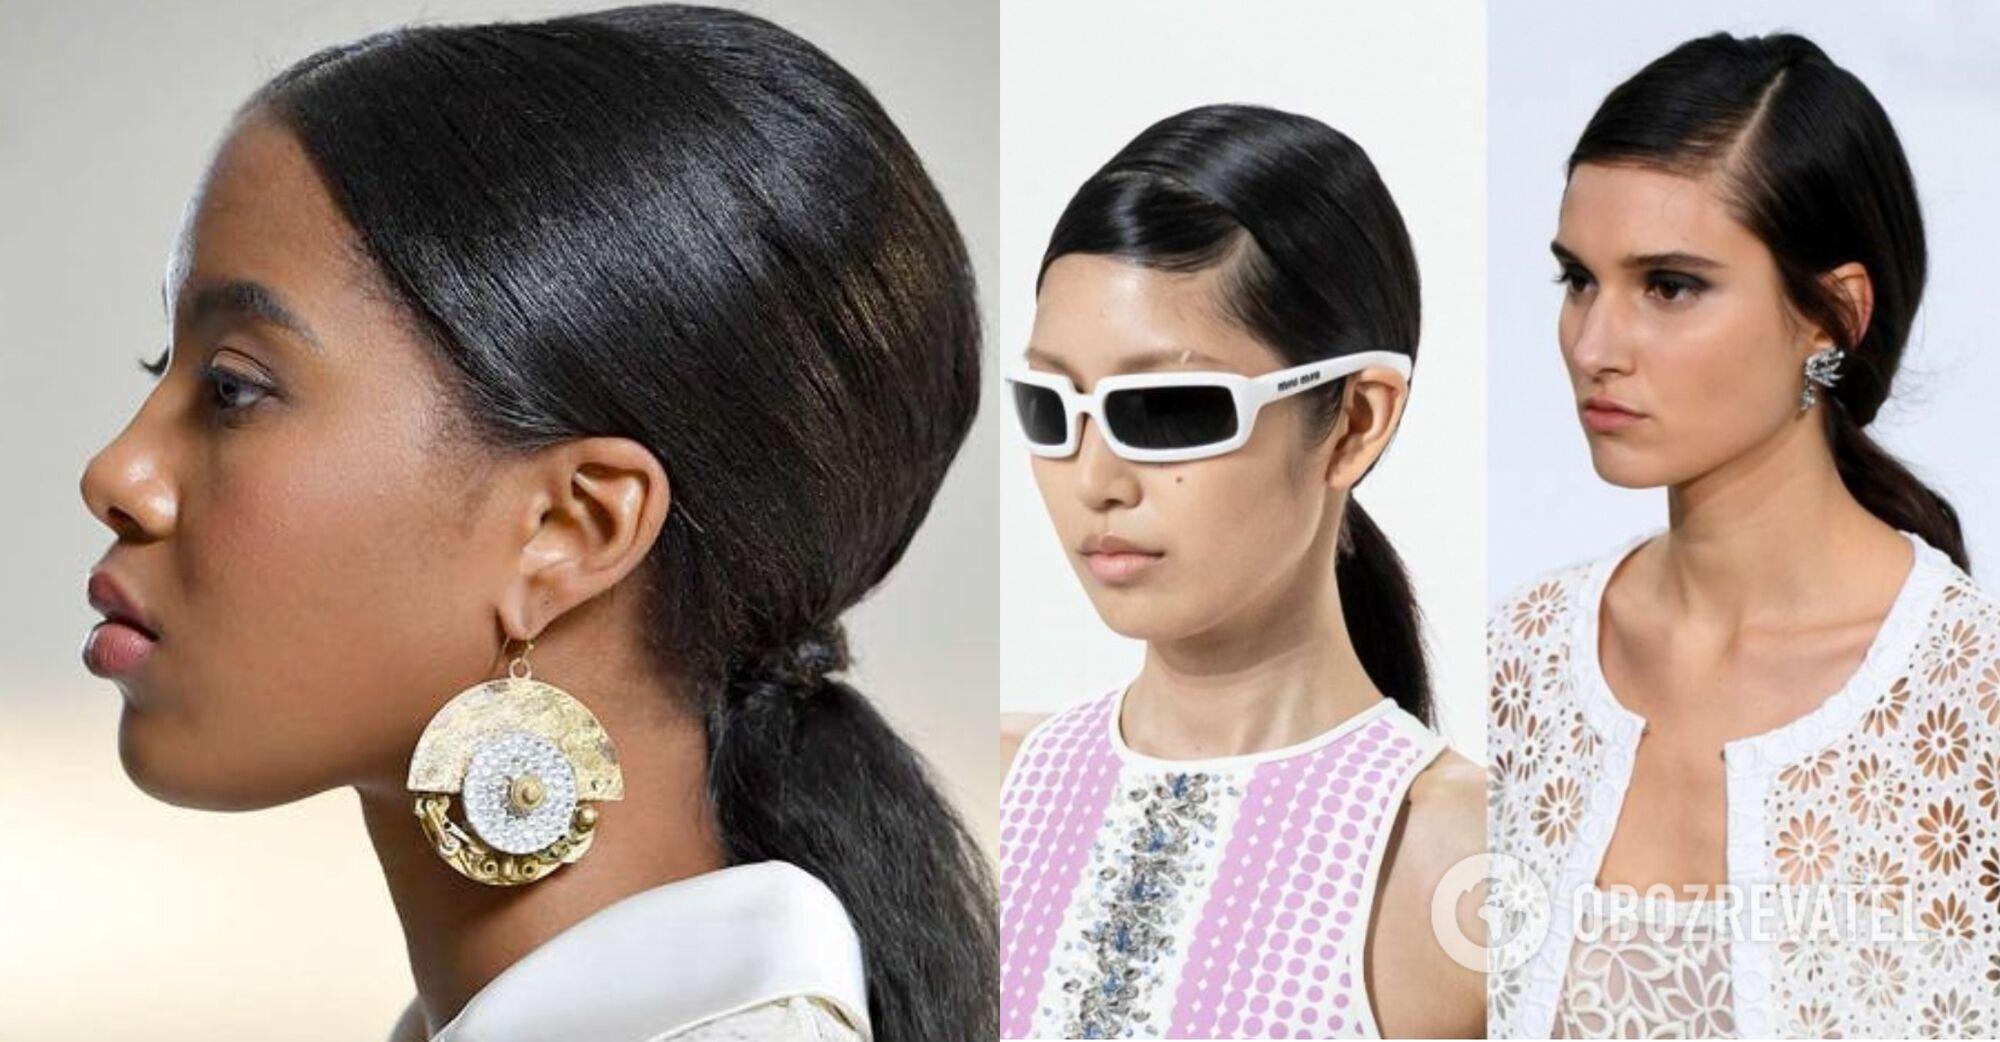 Цього літа надпопулярною зачіскою буде низький хвіст